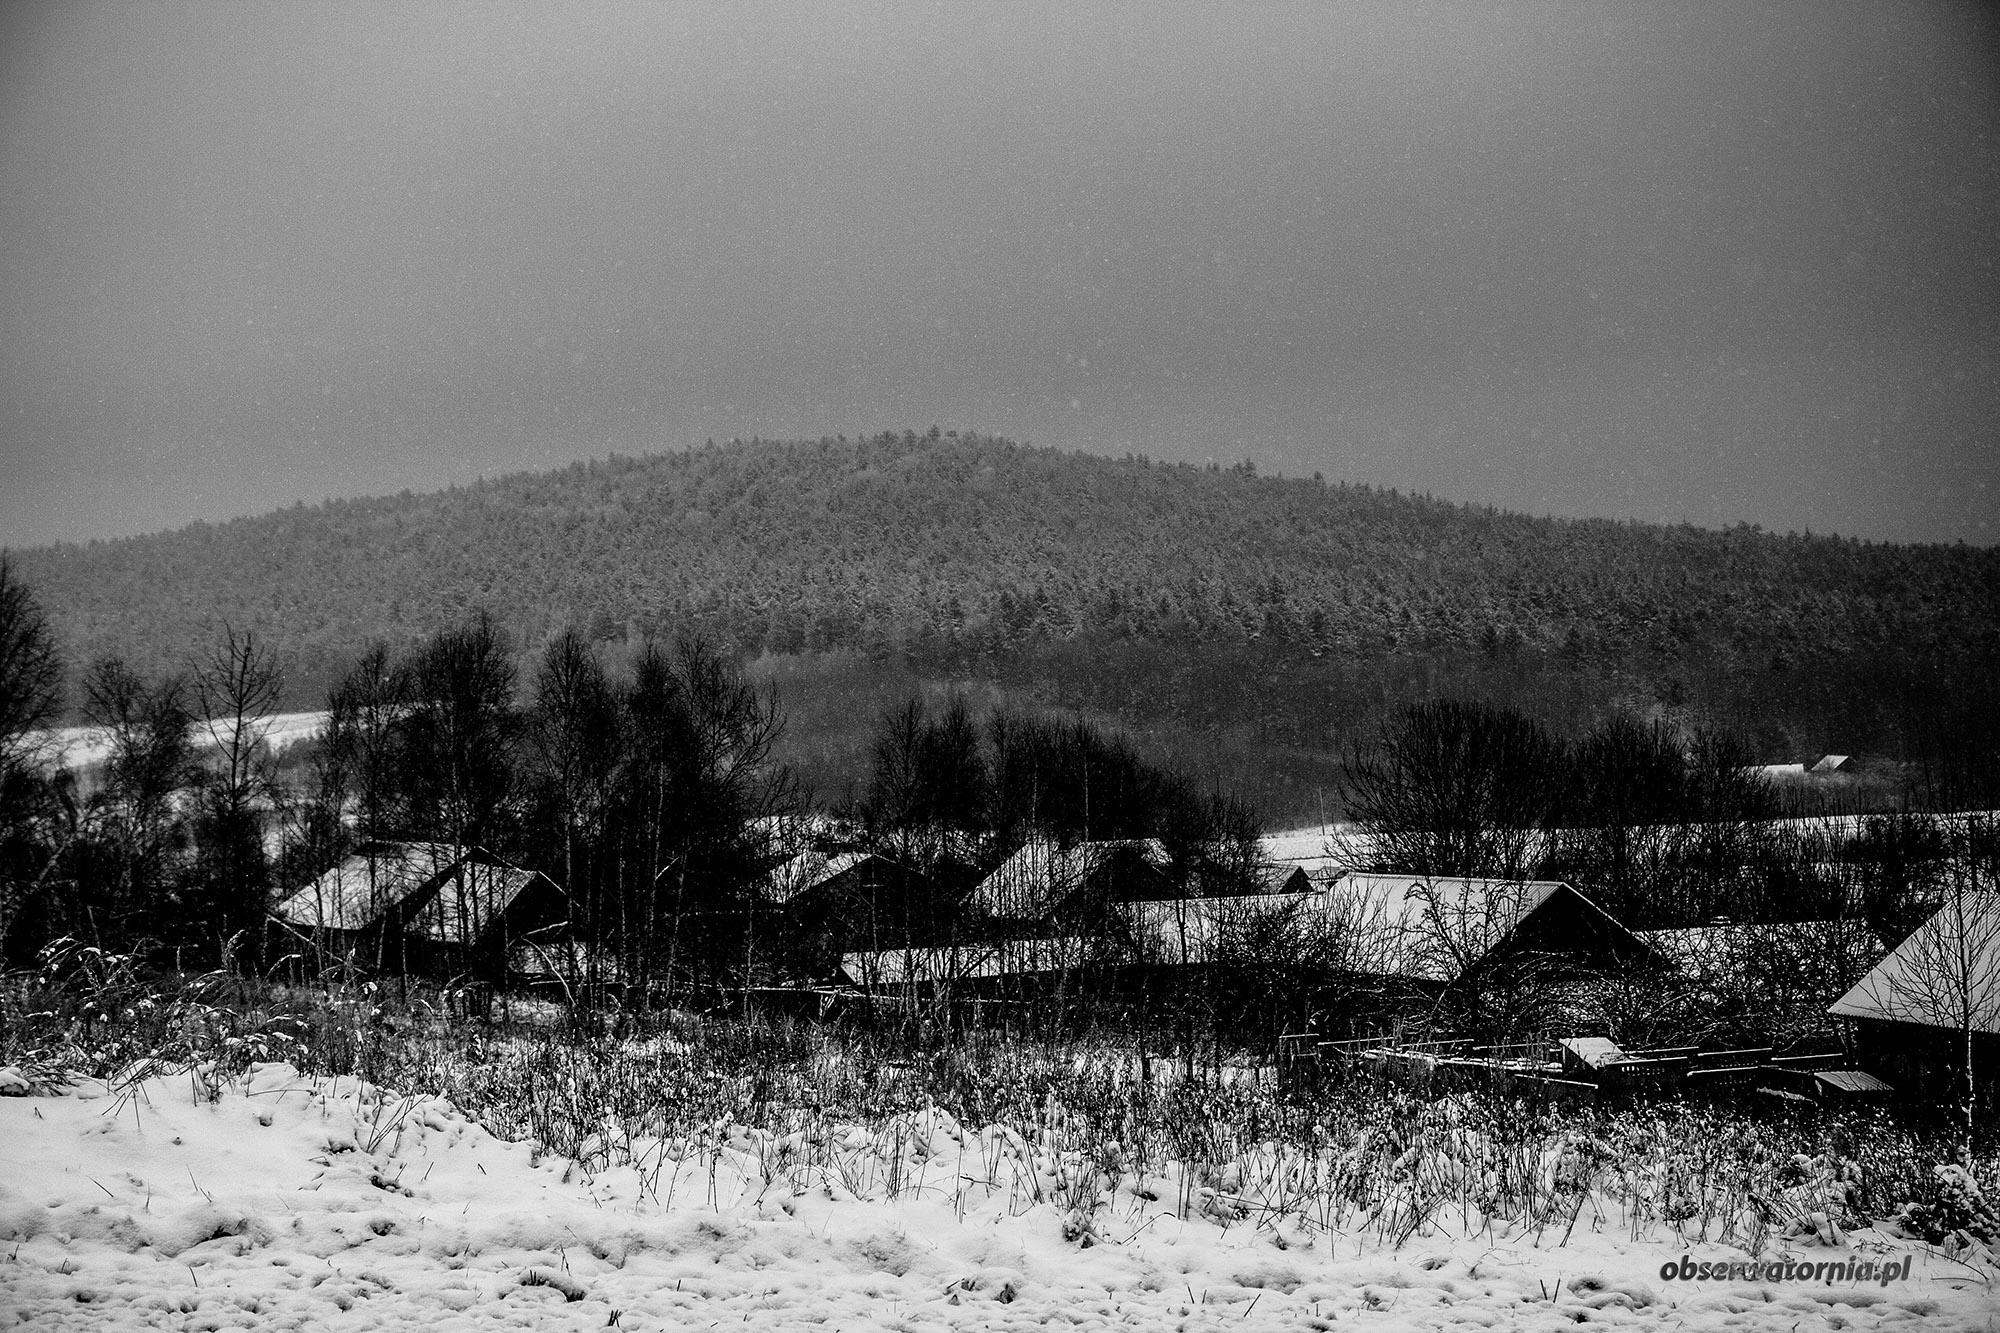 Pięcio-setniki czyli Góry Świętokrzyskie